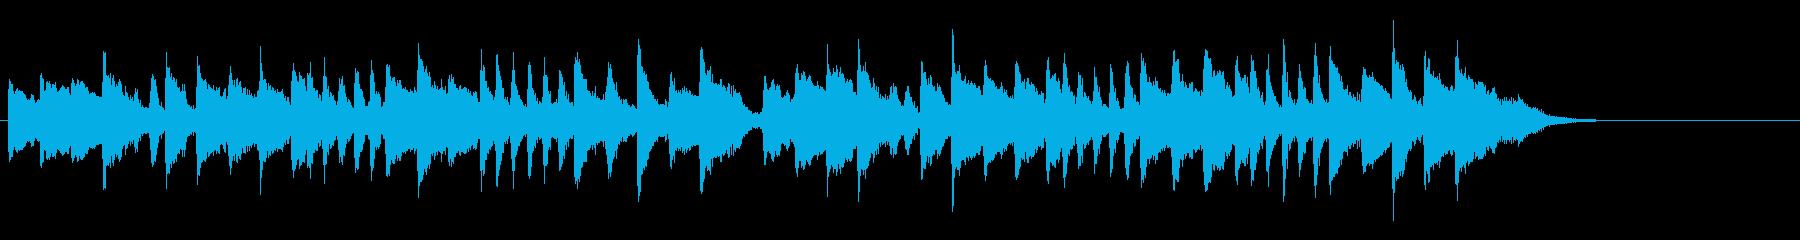 ダヴィッド同盟舞曲集第15曲/シューマンの再生済みの波形